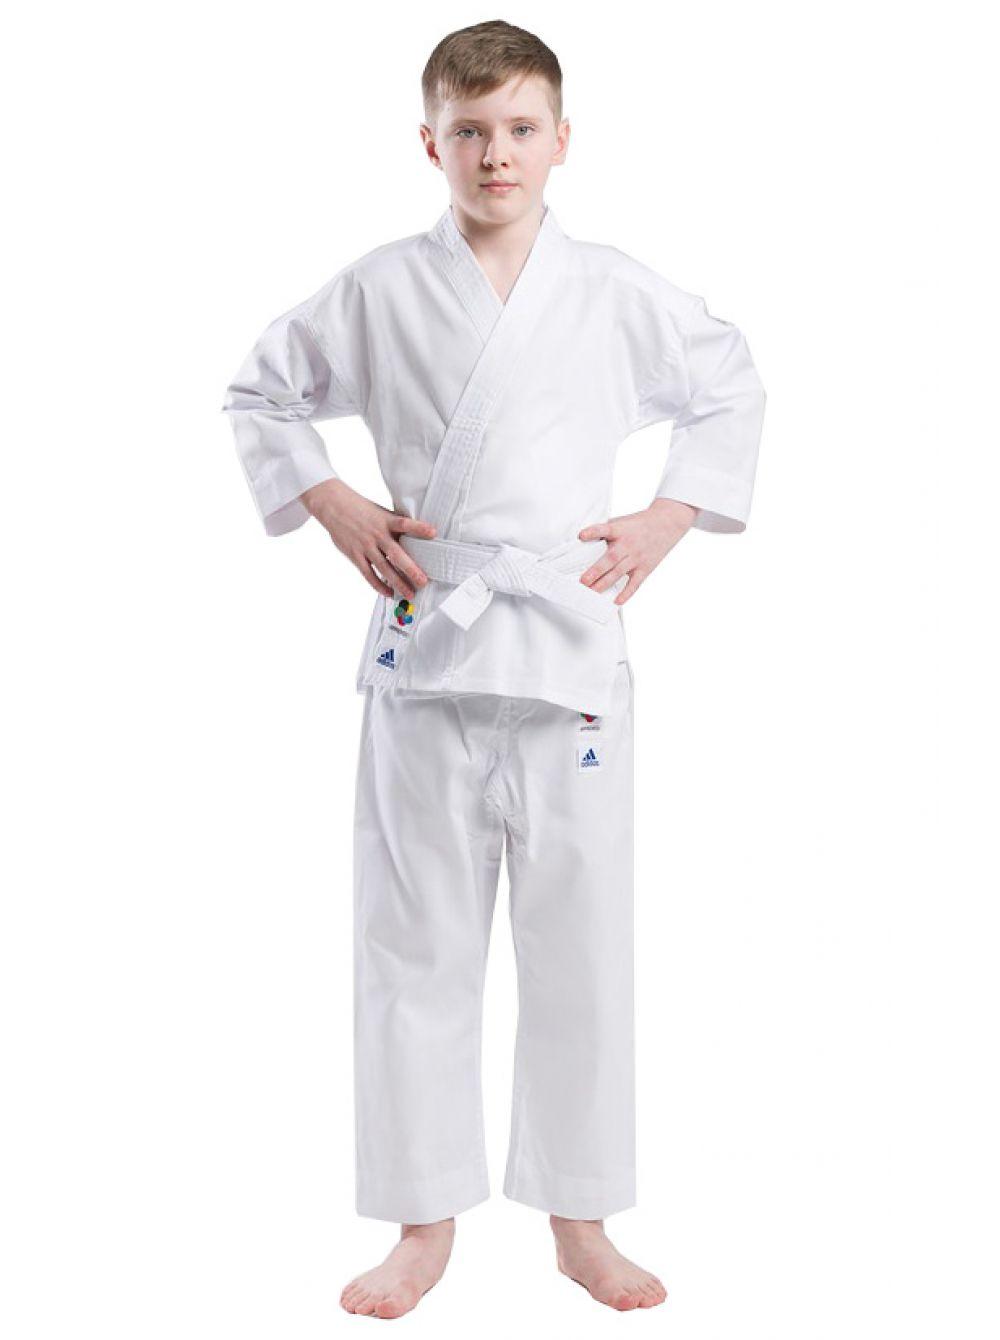 Карате - японское боевое искусство с глубокой философией и особым мировоззрением.